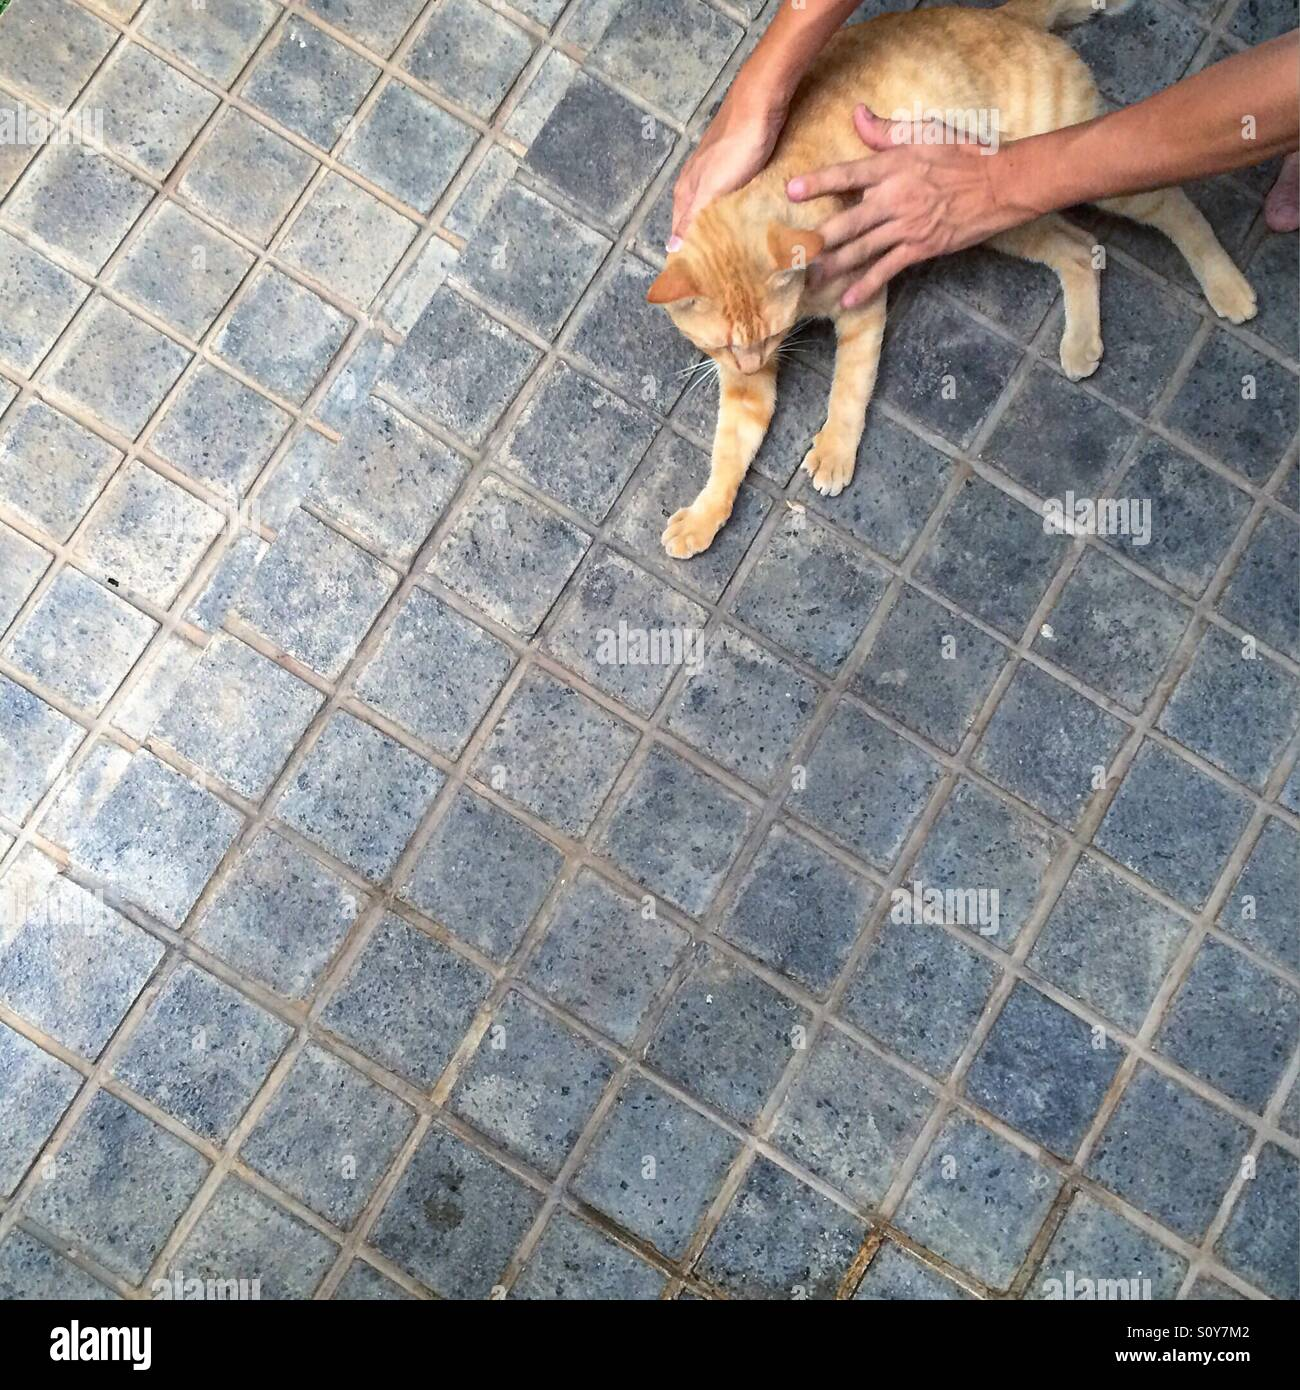 Person eine orange Katze streicheln. Stockfoto